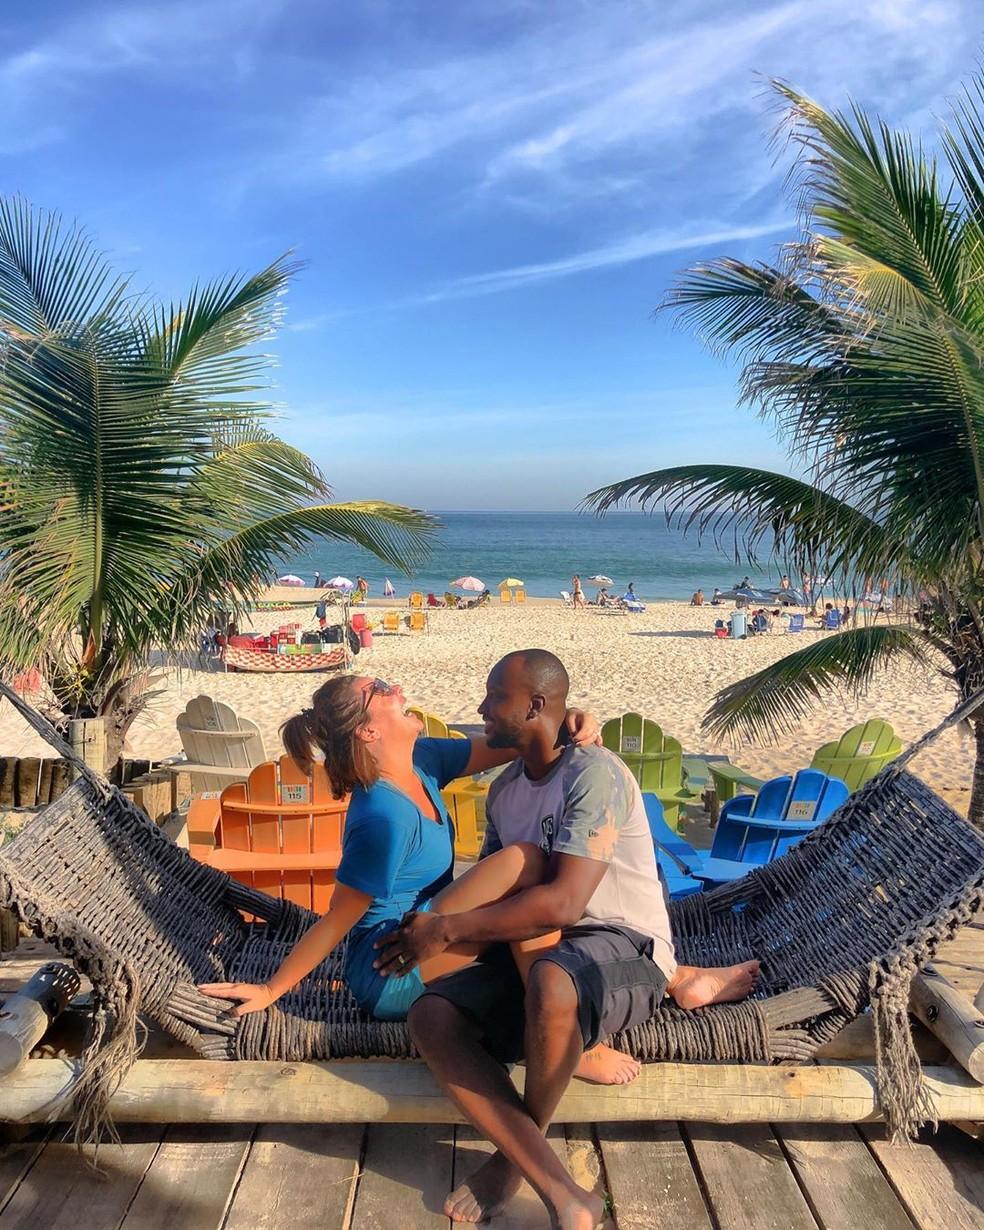 Última foto do casal publicada nas redes da apresentadora  — Foto: Reprodução/Instagram